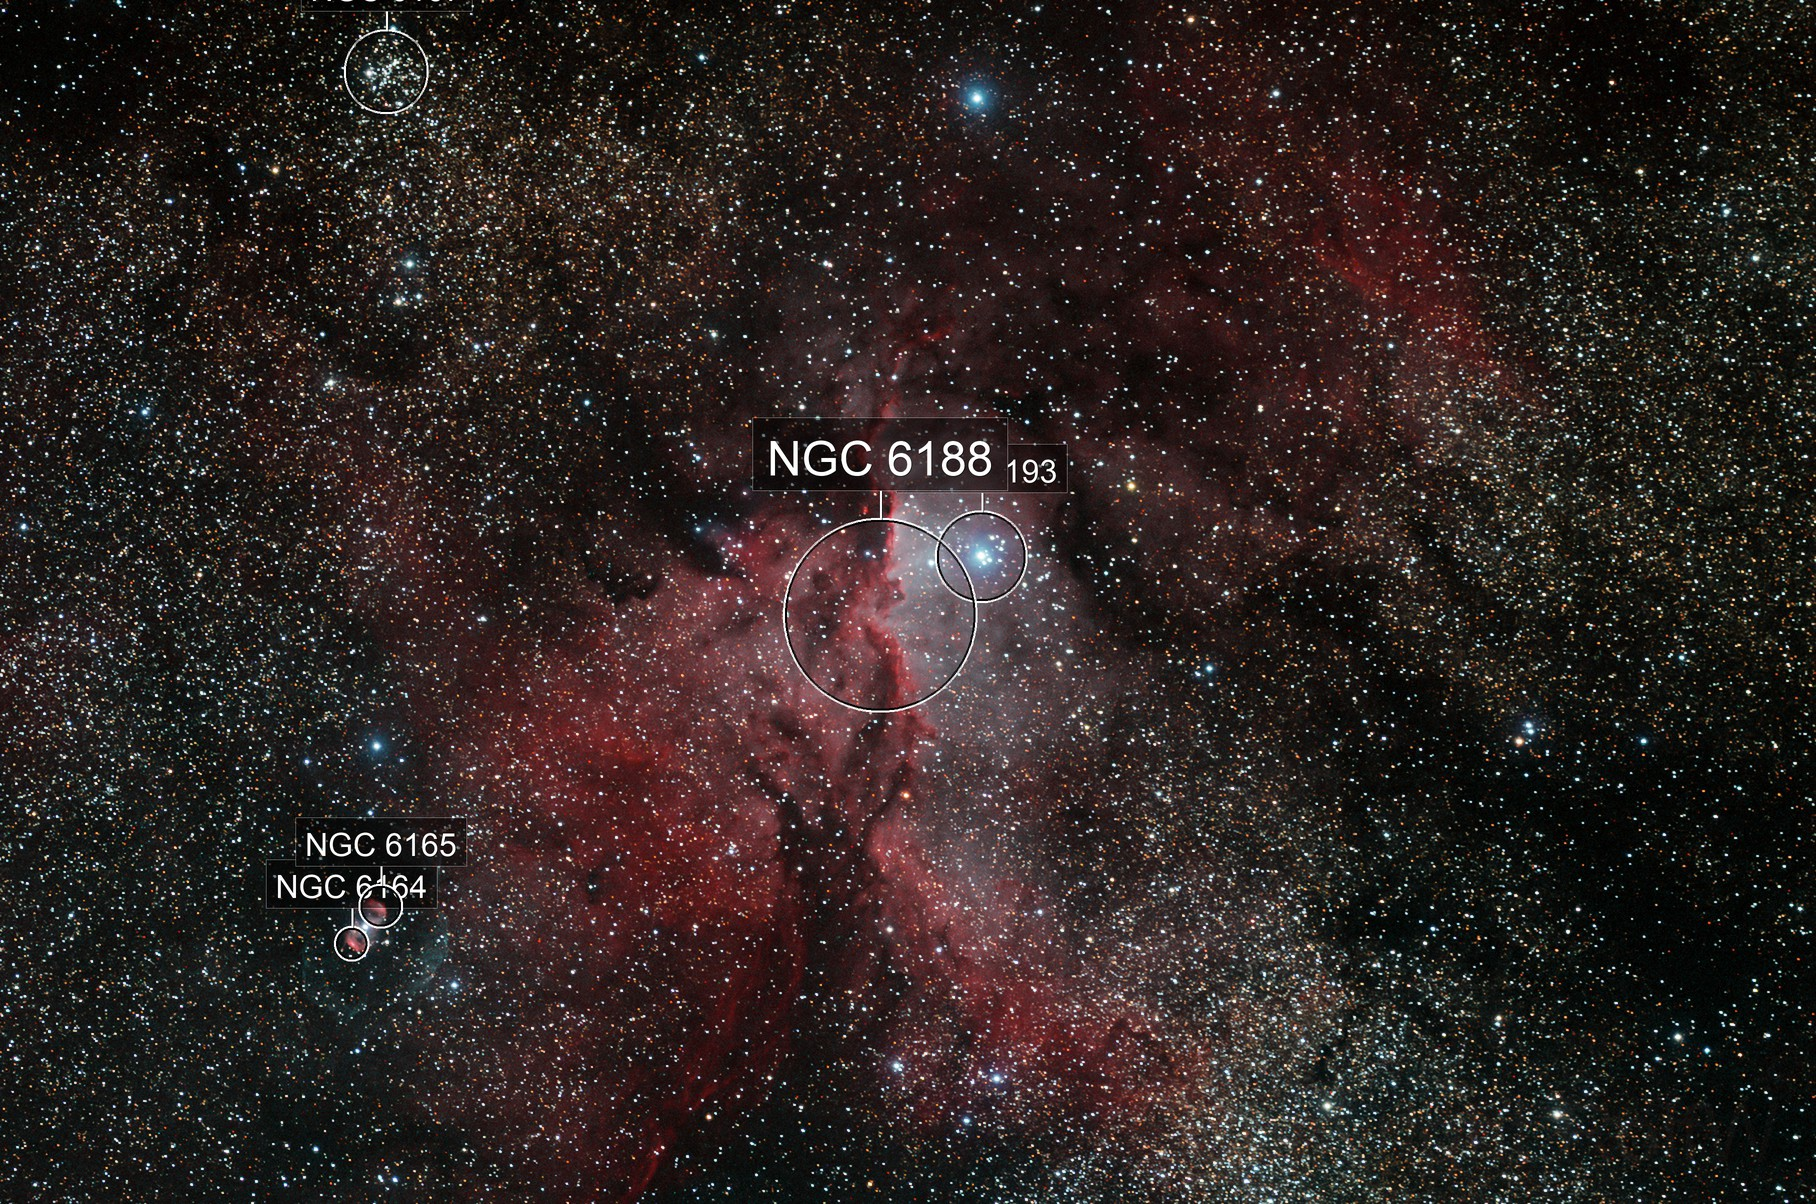 NGC 6188